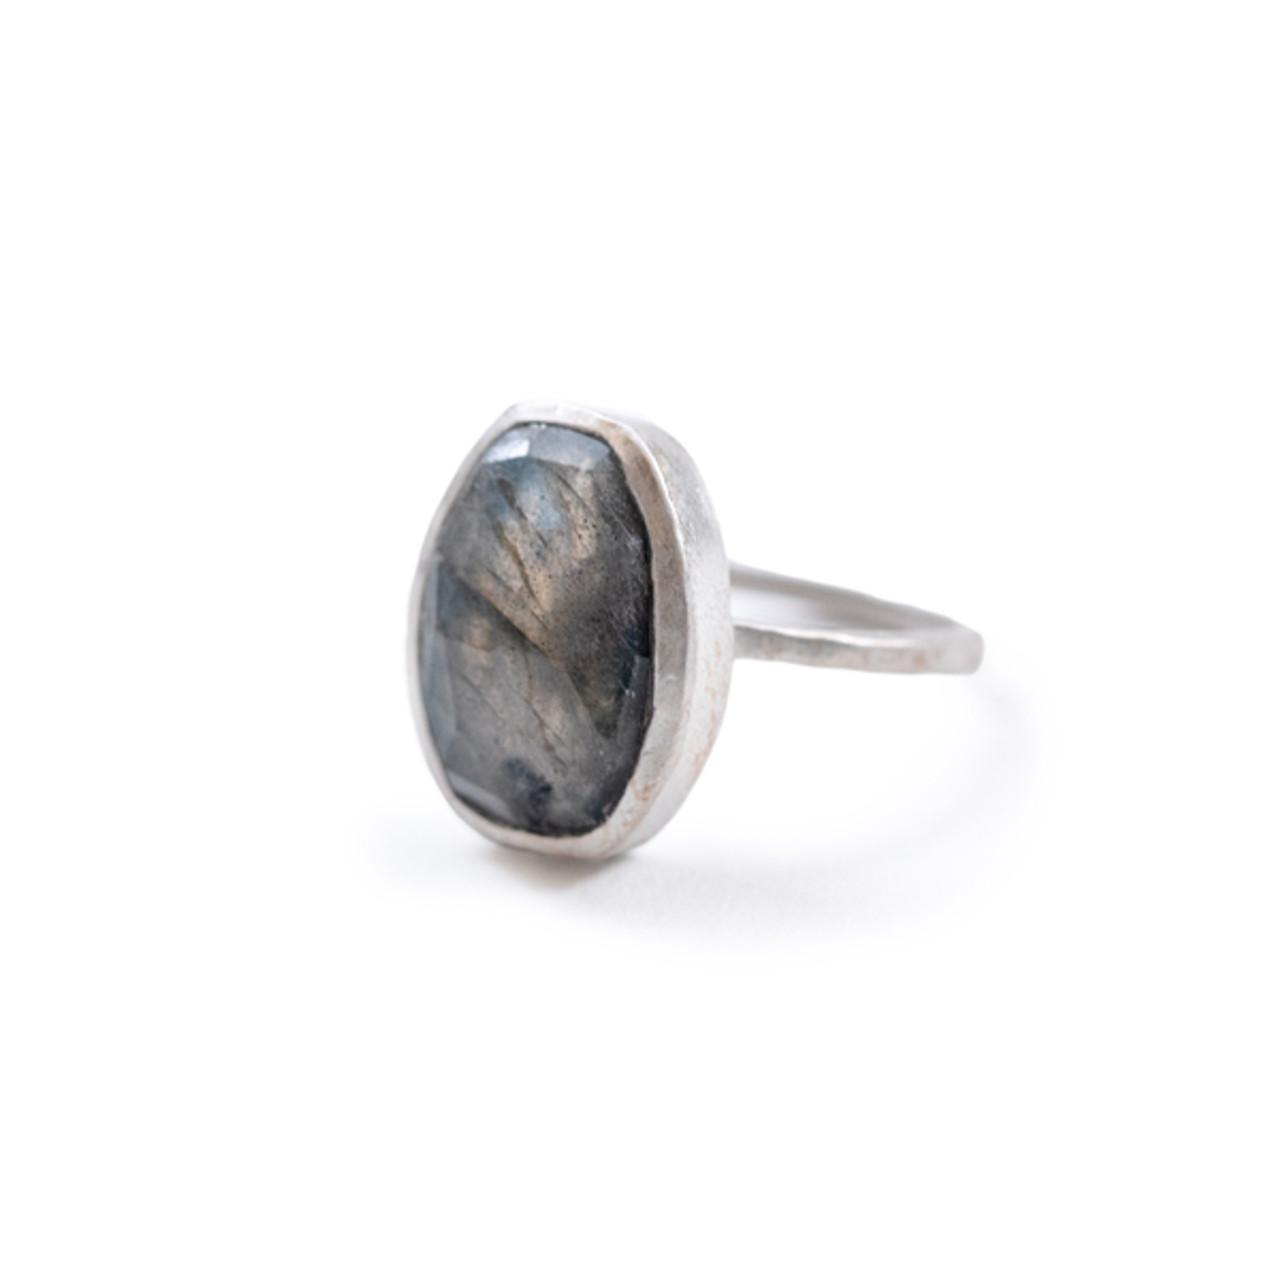 Labradorite Stone Sterling Silver Stacking Ring